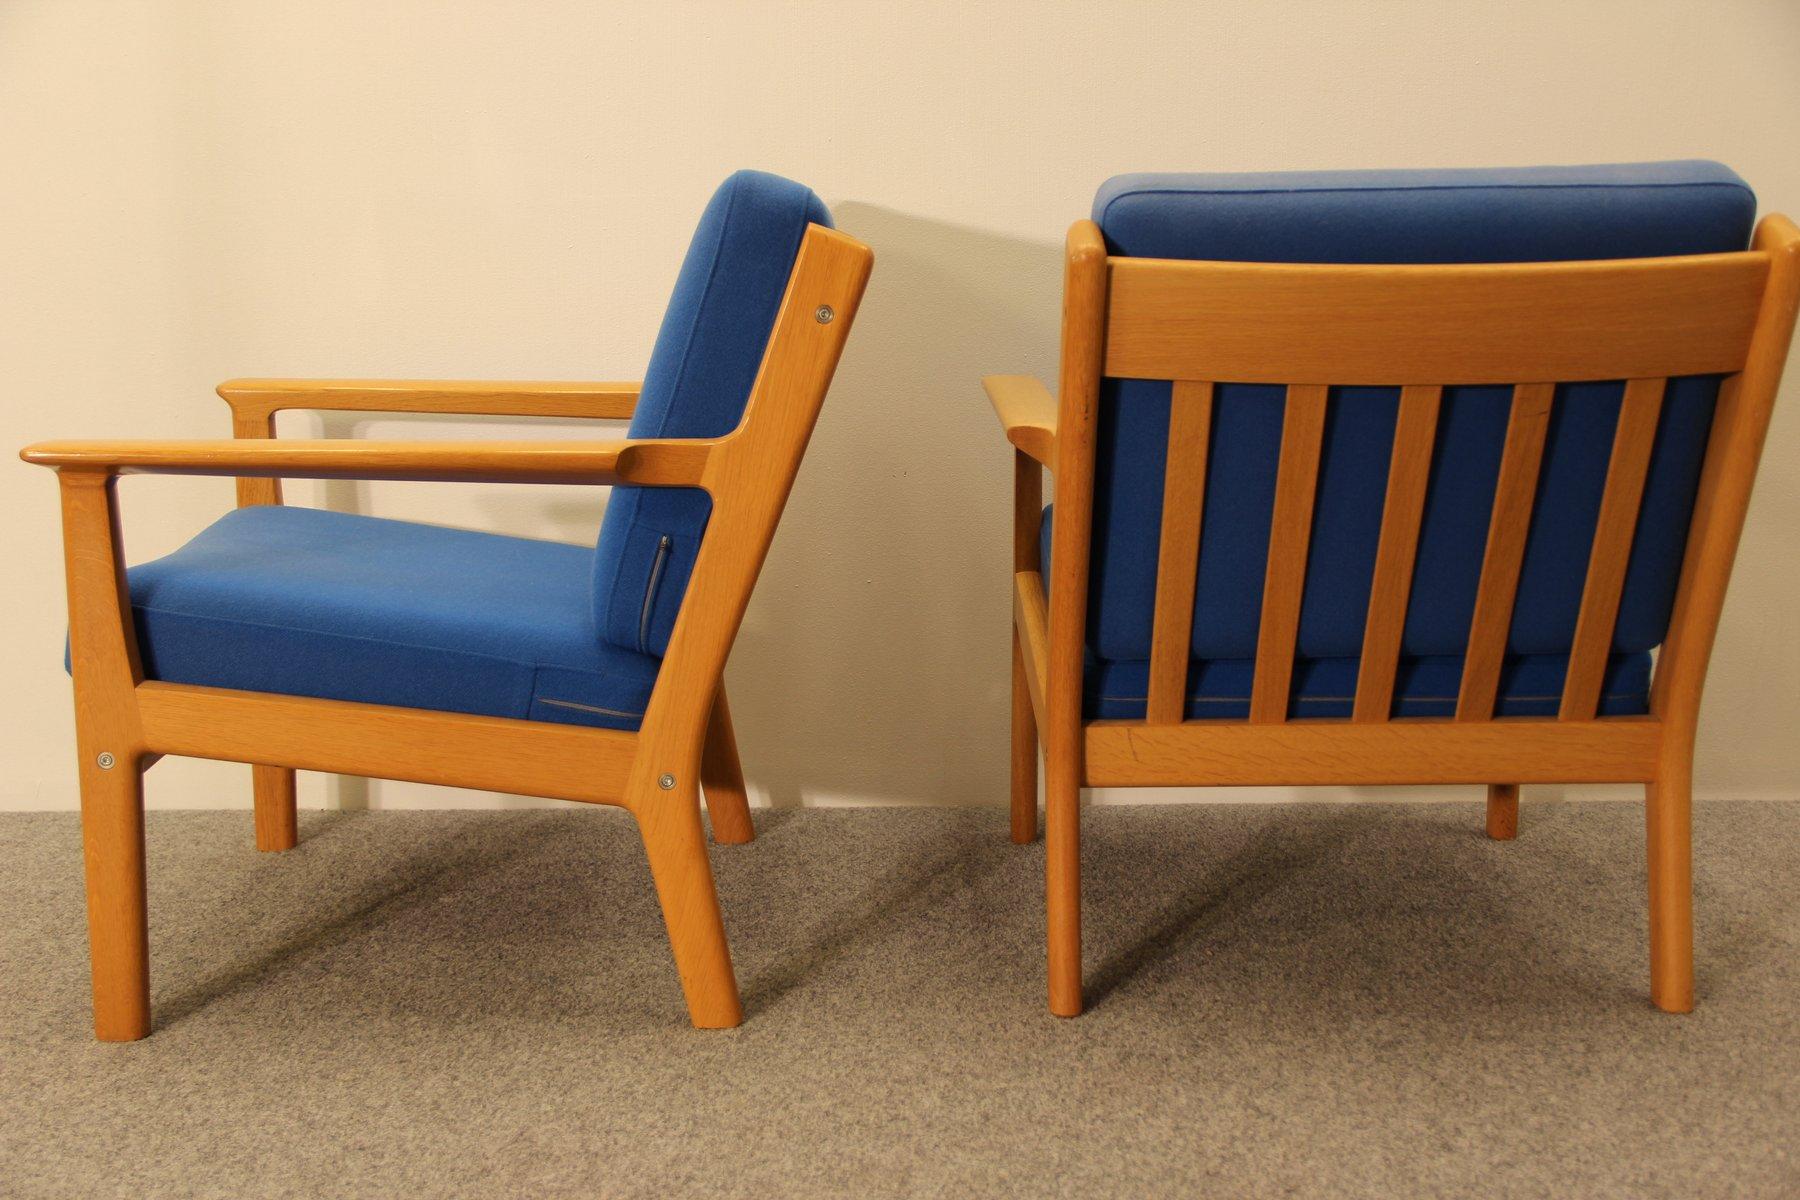 GE 265 Armchair by Hans J. Wegner for Getama